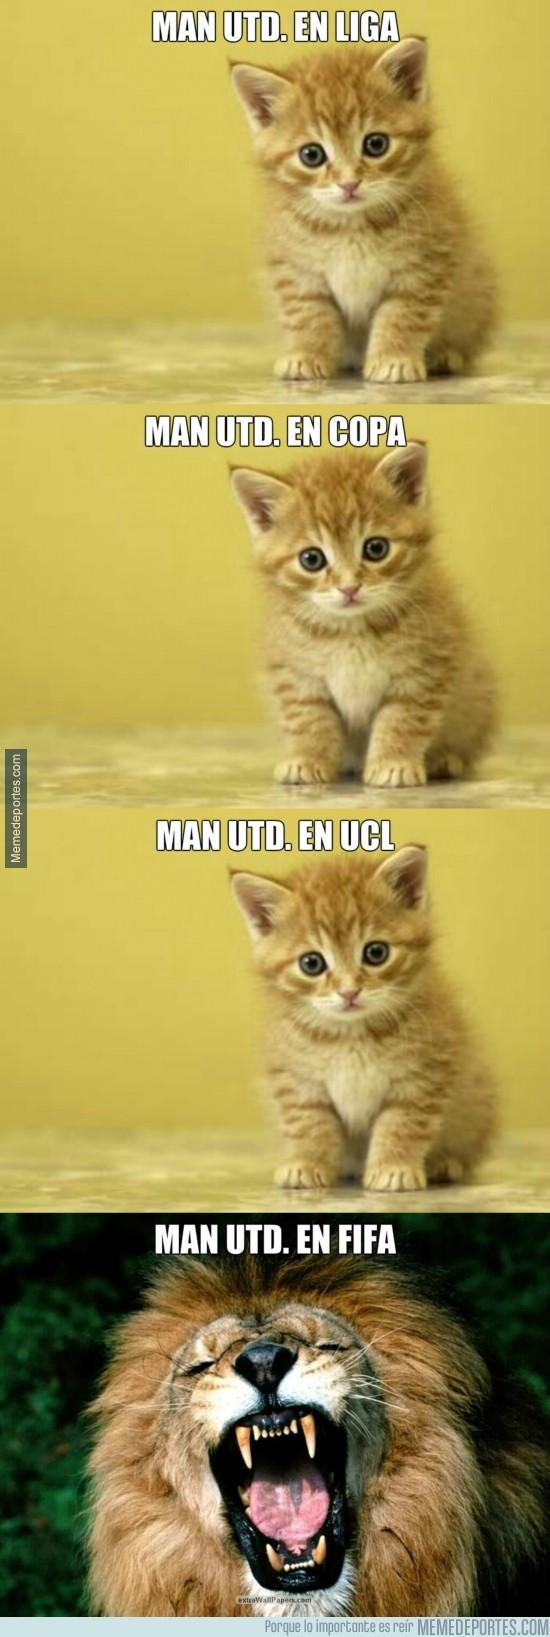 272793 - El Manchester United en las diferentes competiciones